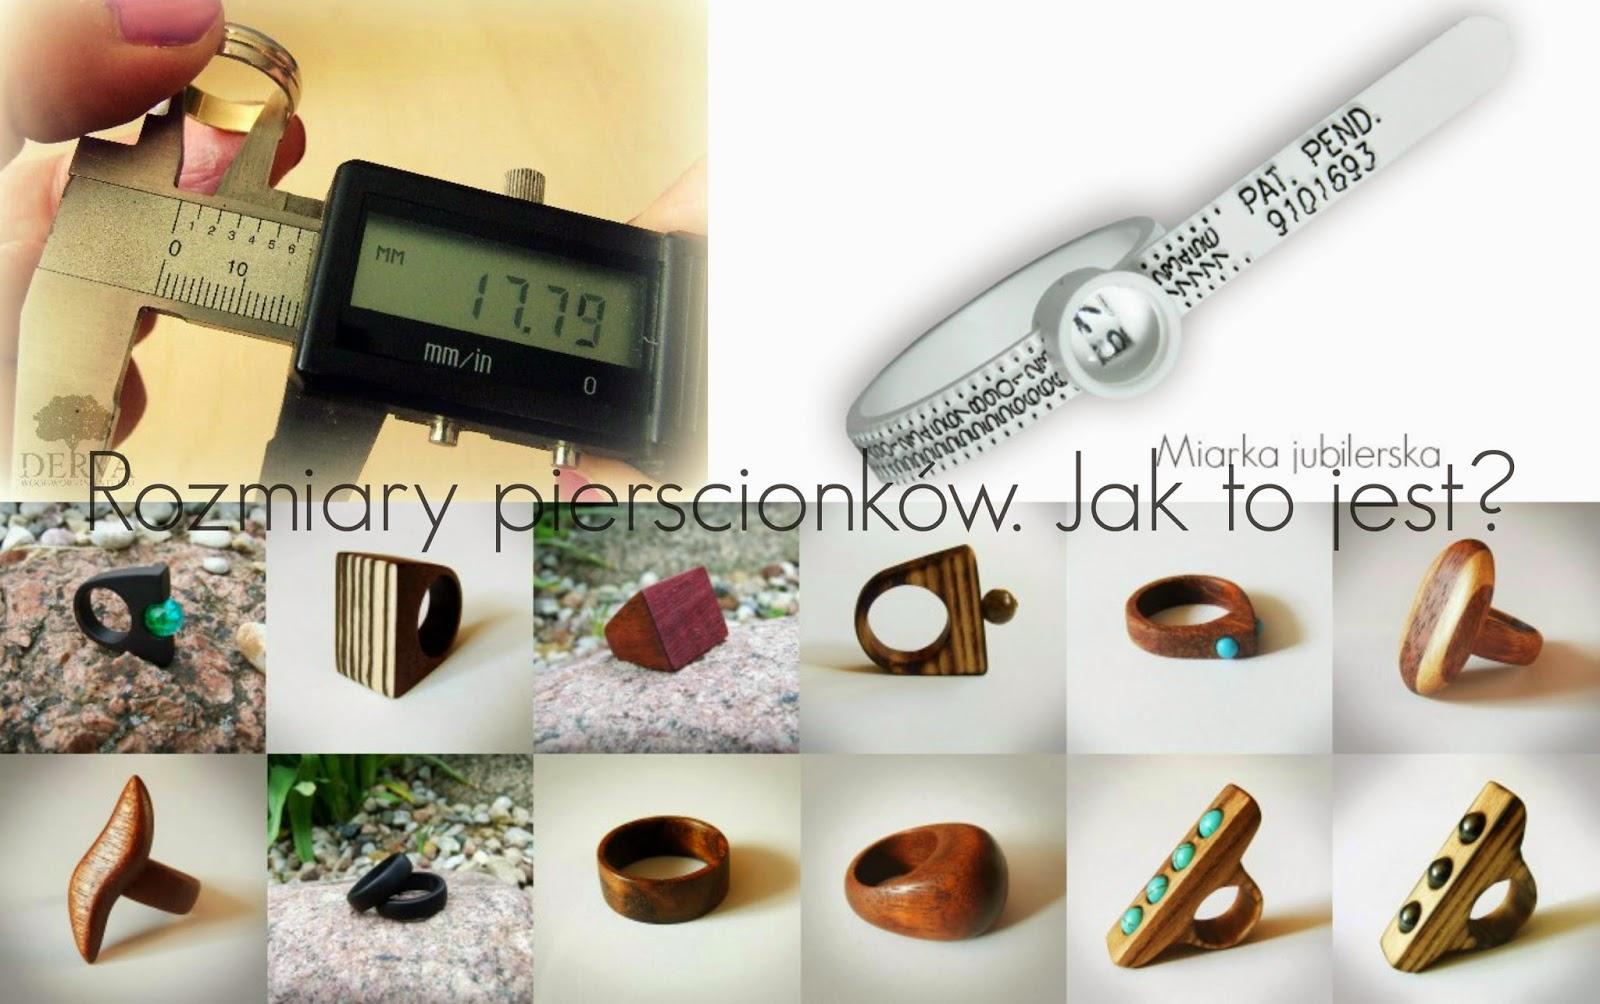 http://www.derva.pl/2013/09/rozmiary-pierscionkow-jak-to-jest.html